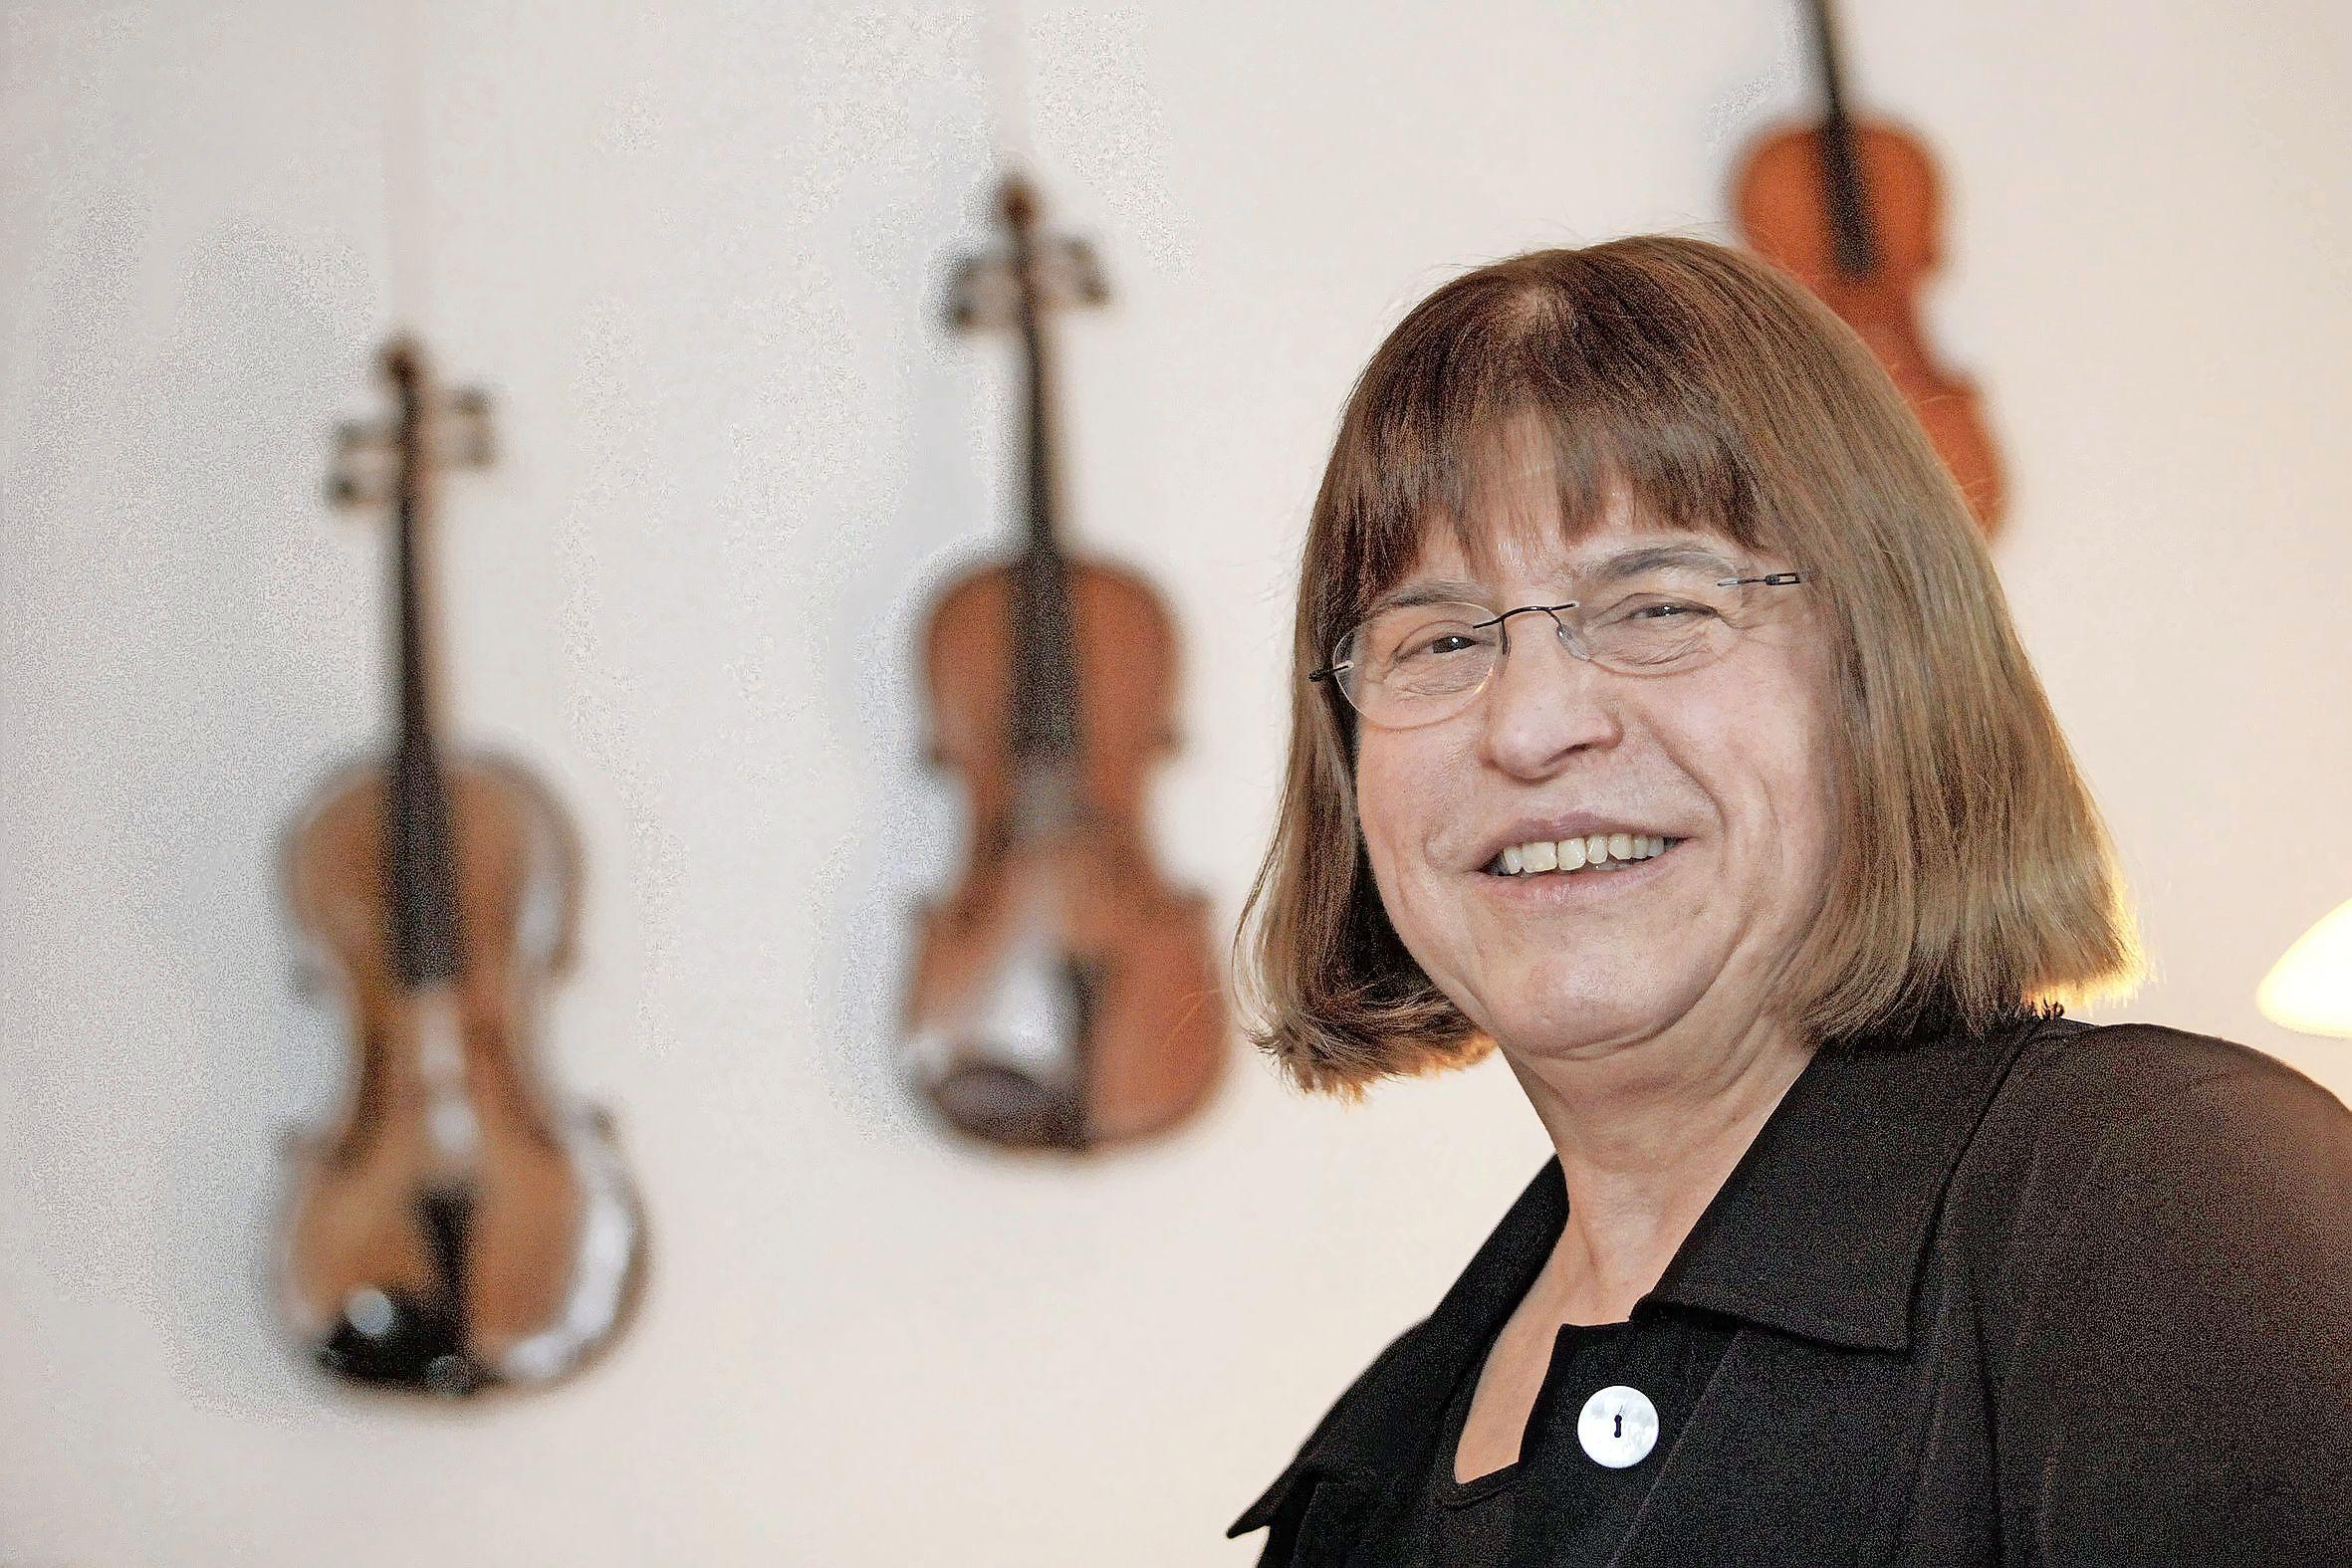 Vermaard Hilversums viooldocente Coosje Wijzenbeek (72) trok lesgeven naar een hoger plan. Voor tientallen pupillen als Janine Jansen en Noa Wildschut legde ze de basis